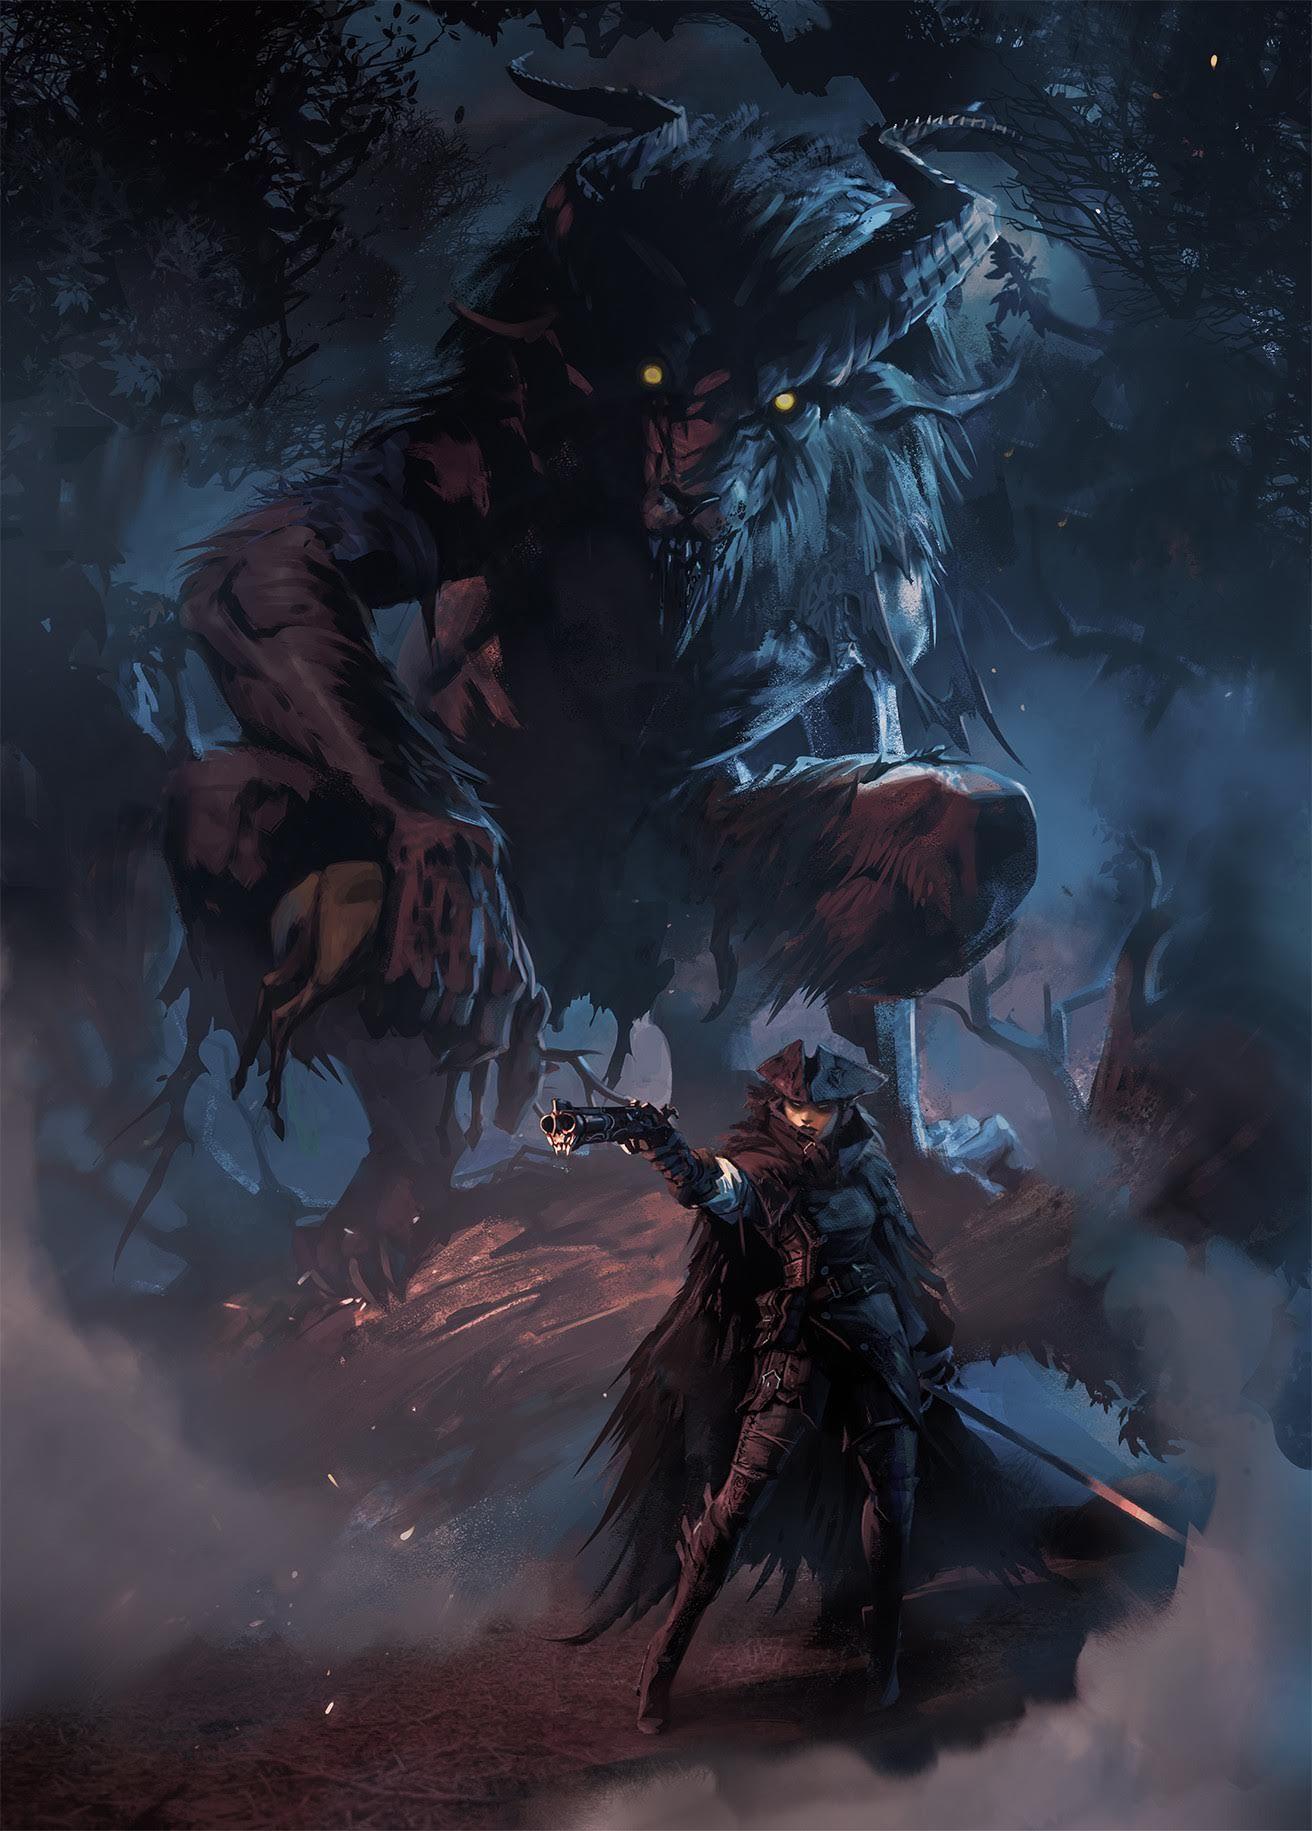 Pin By Lee On Fantasy Art Dark Fantasy Art Dark Fantasy